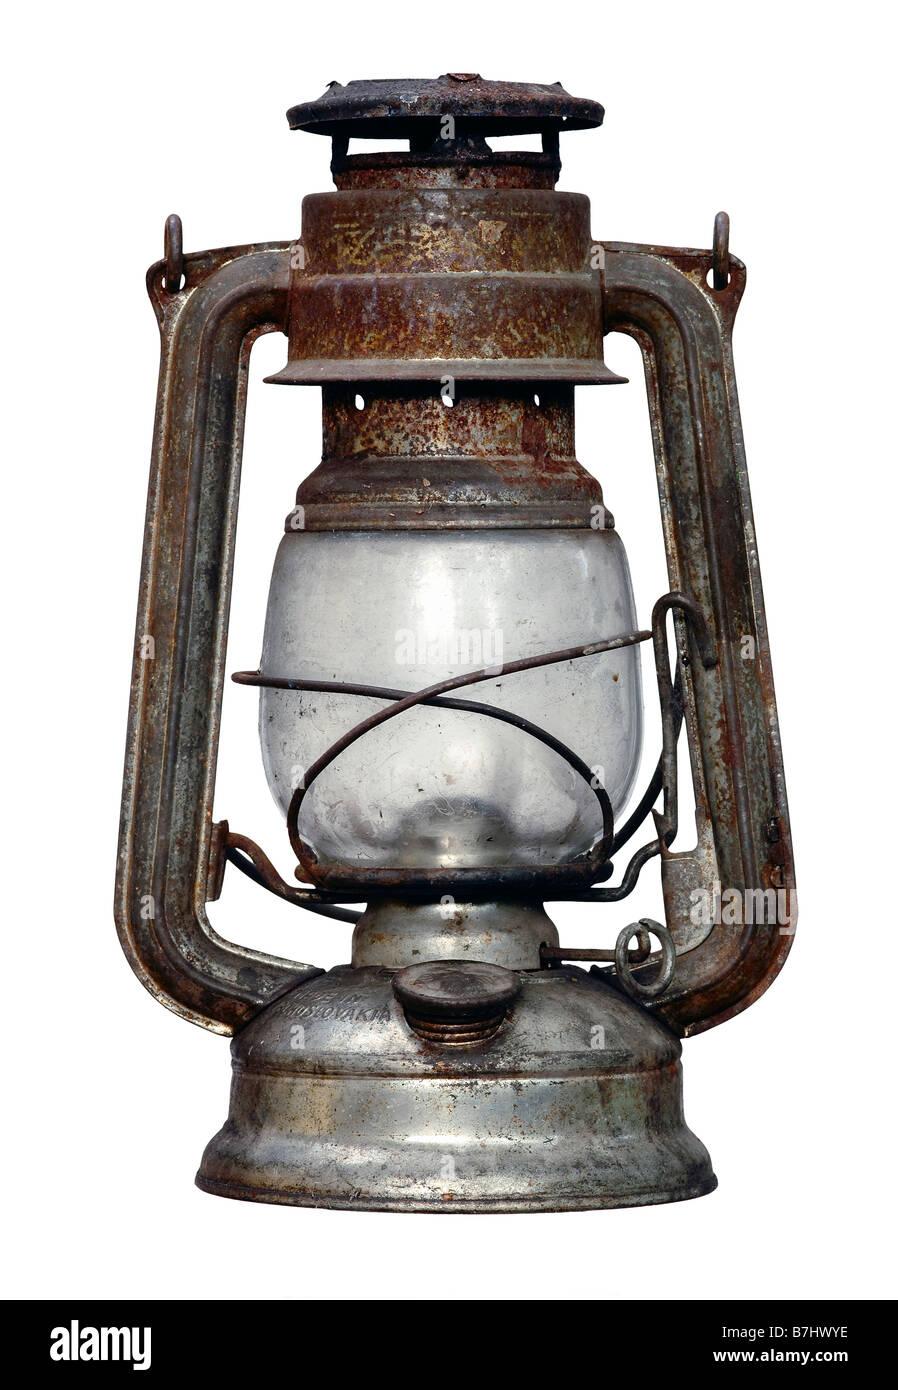 antique kerosene lamp - lighting equipment - isolated - Stock Image